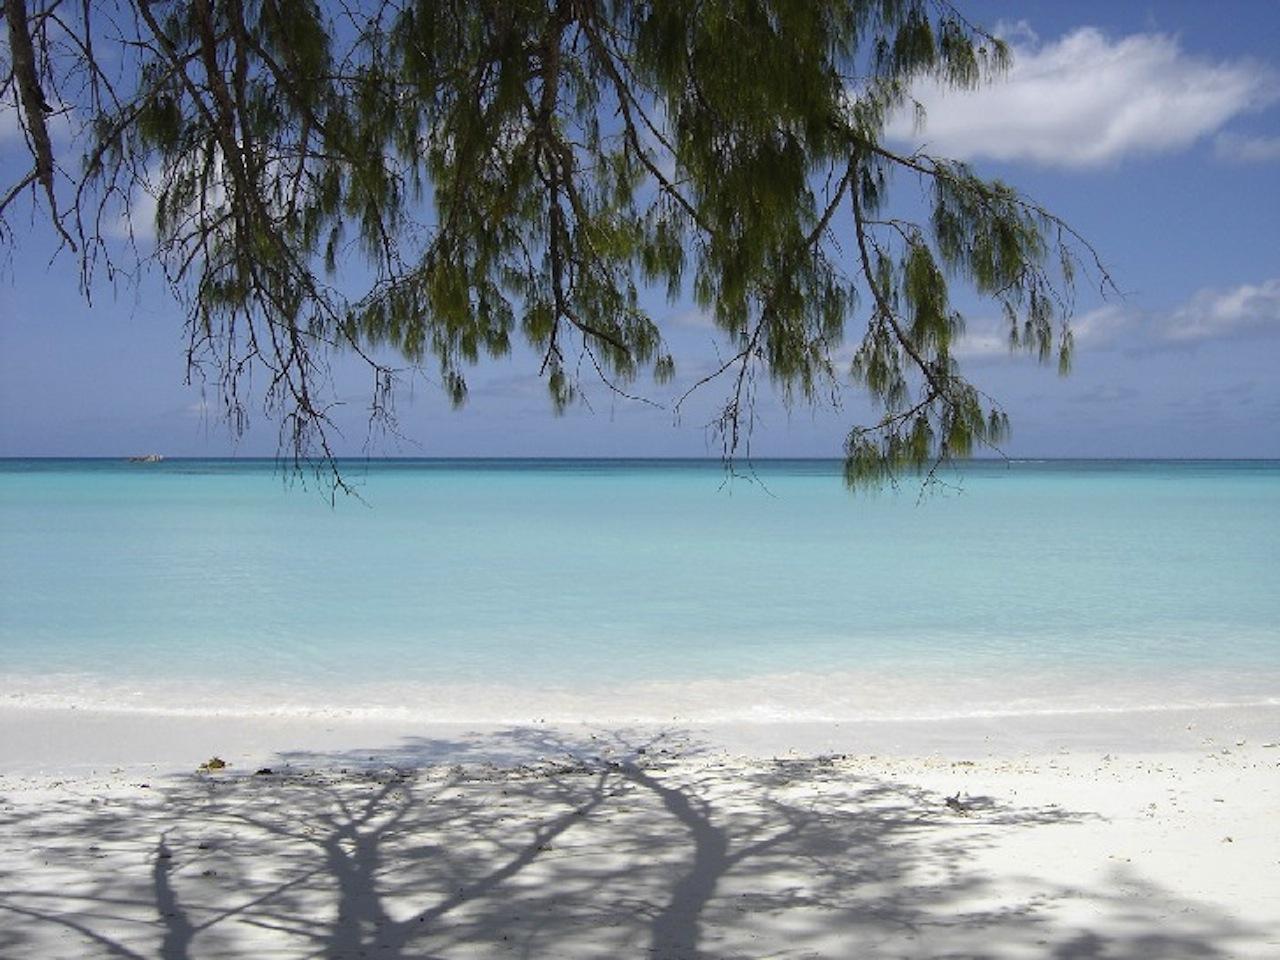 J'ai habité 4 années durant, la belle ile de La Réunion ...